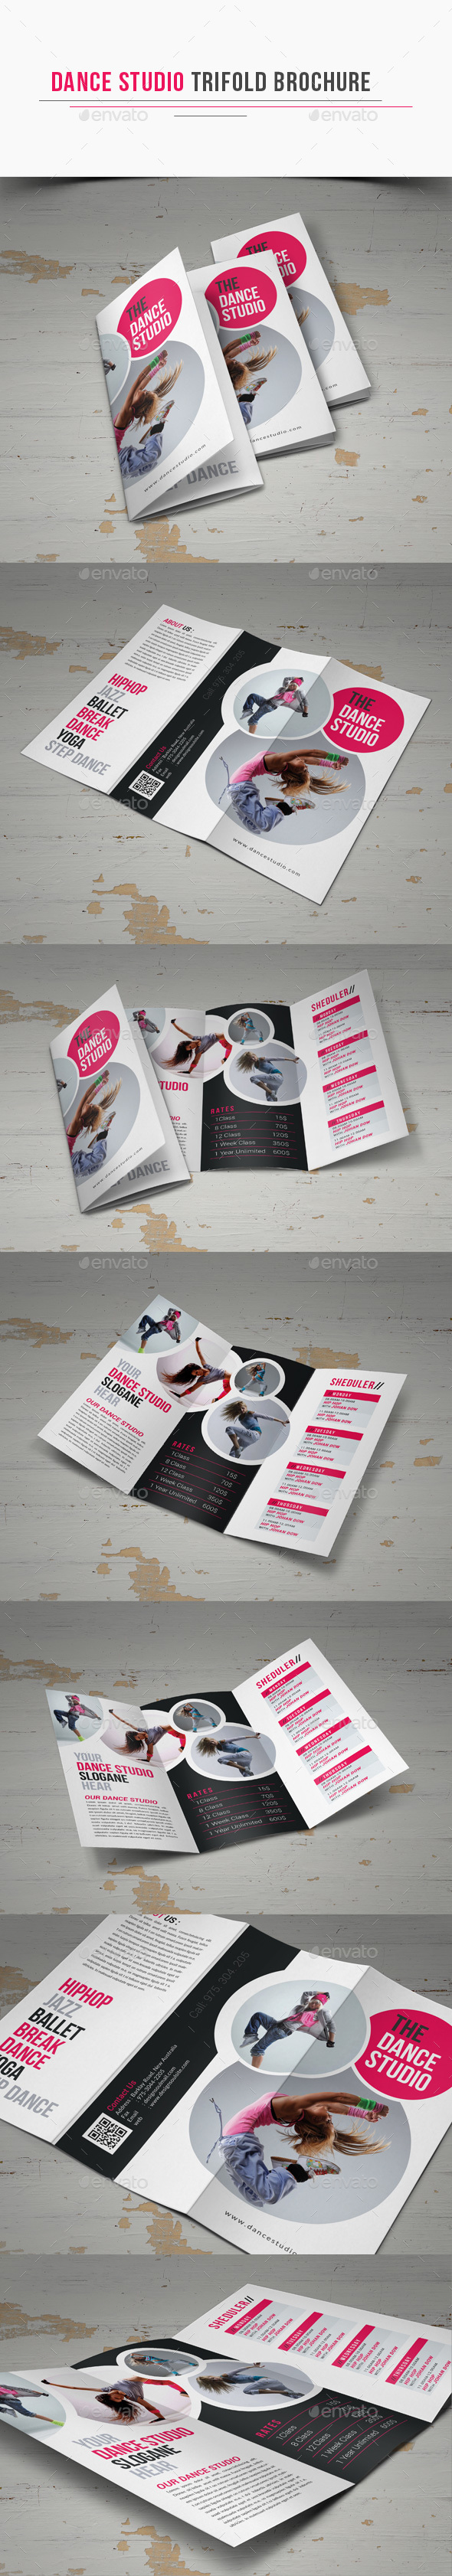 Dance Studio Trifold Brochure - Corporate Brochures